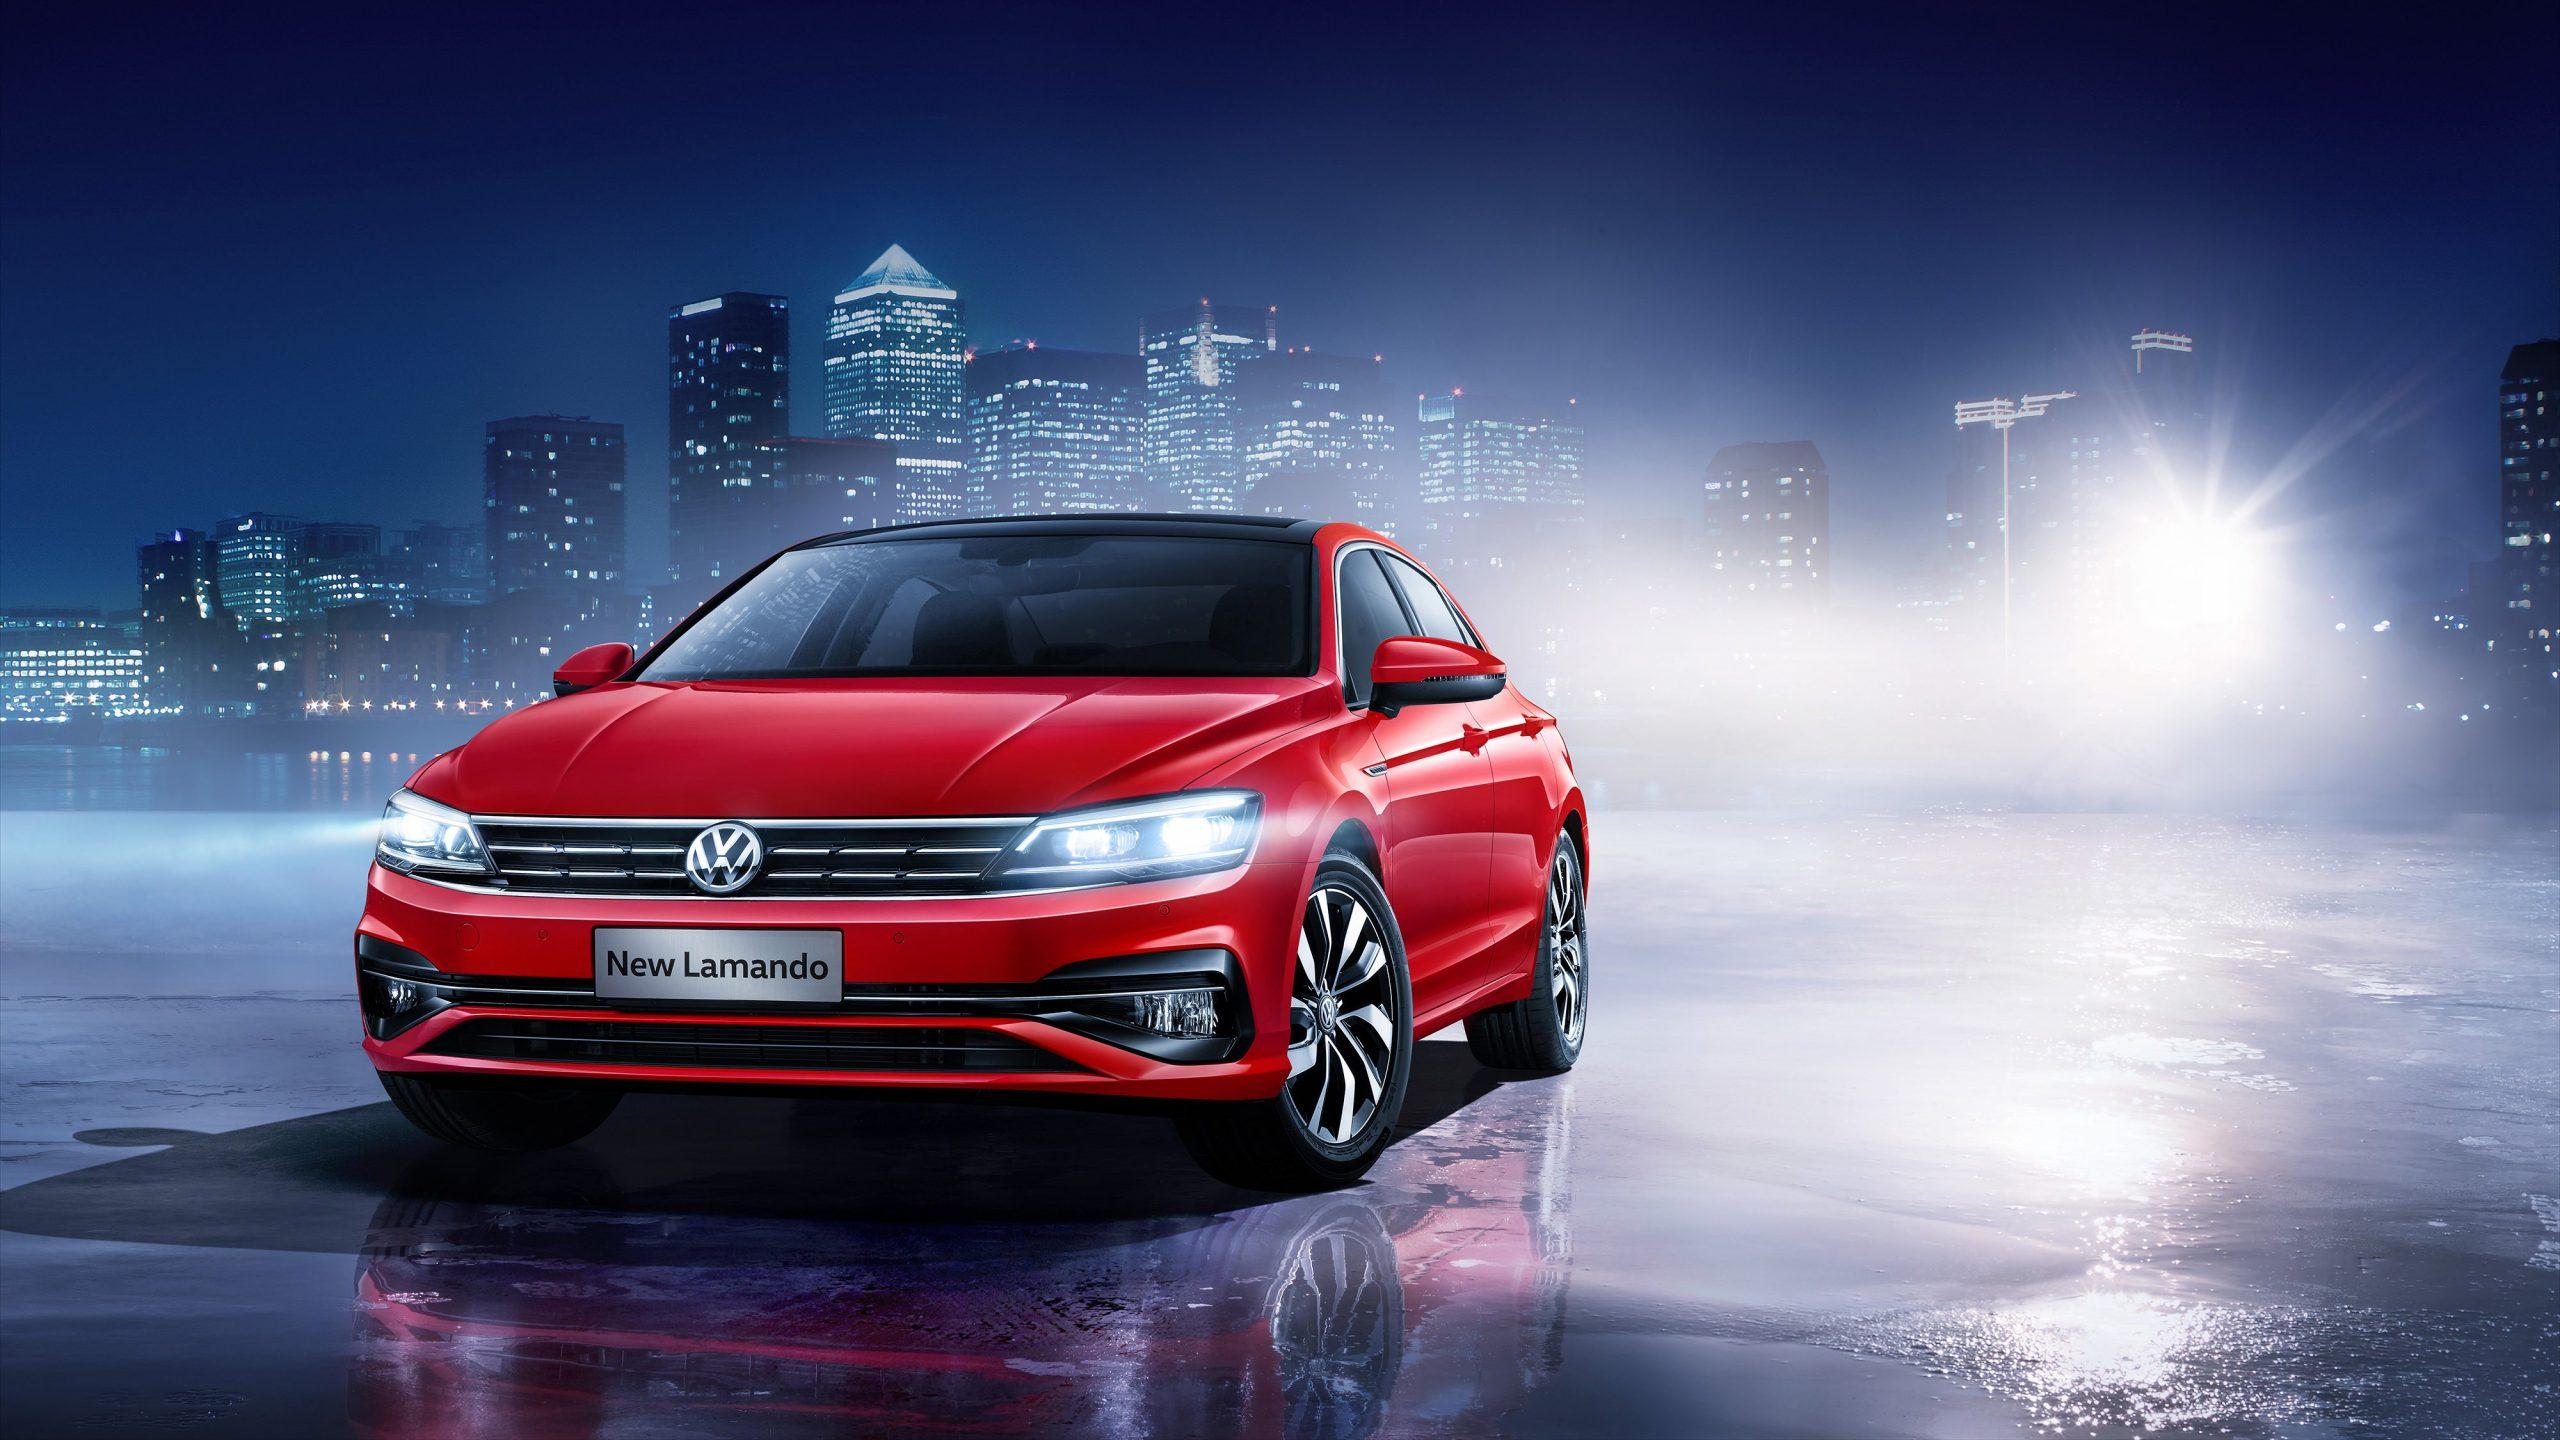 Volkswagen screen wallpaper